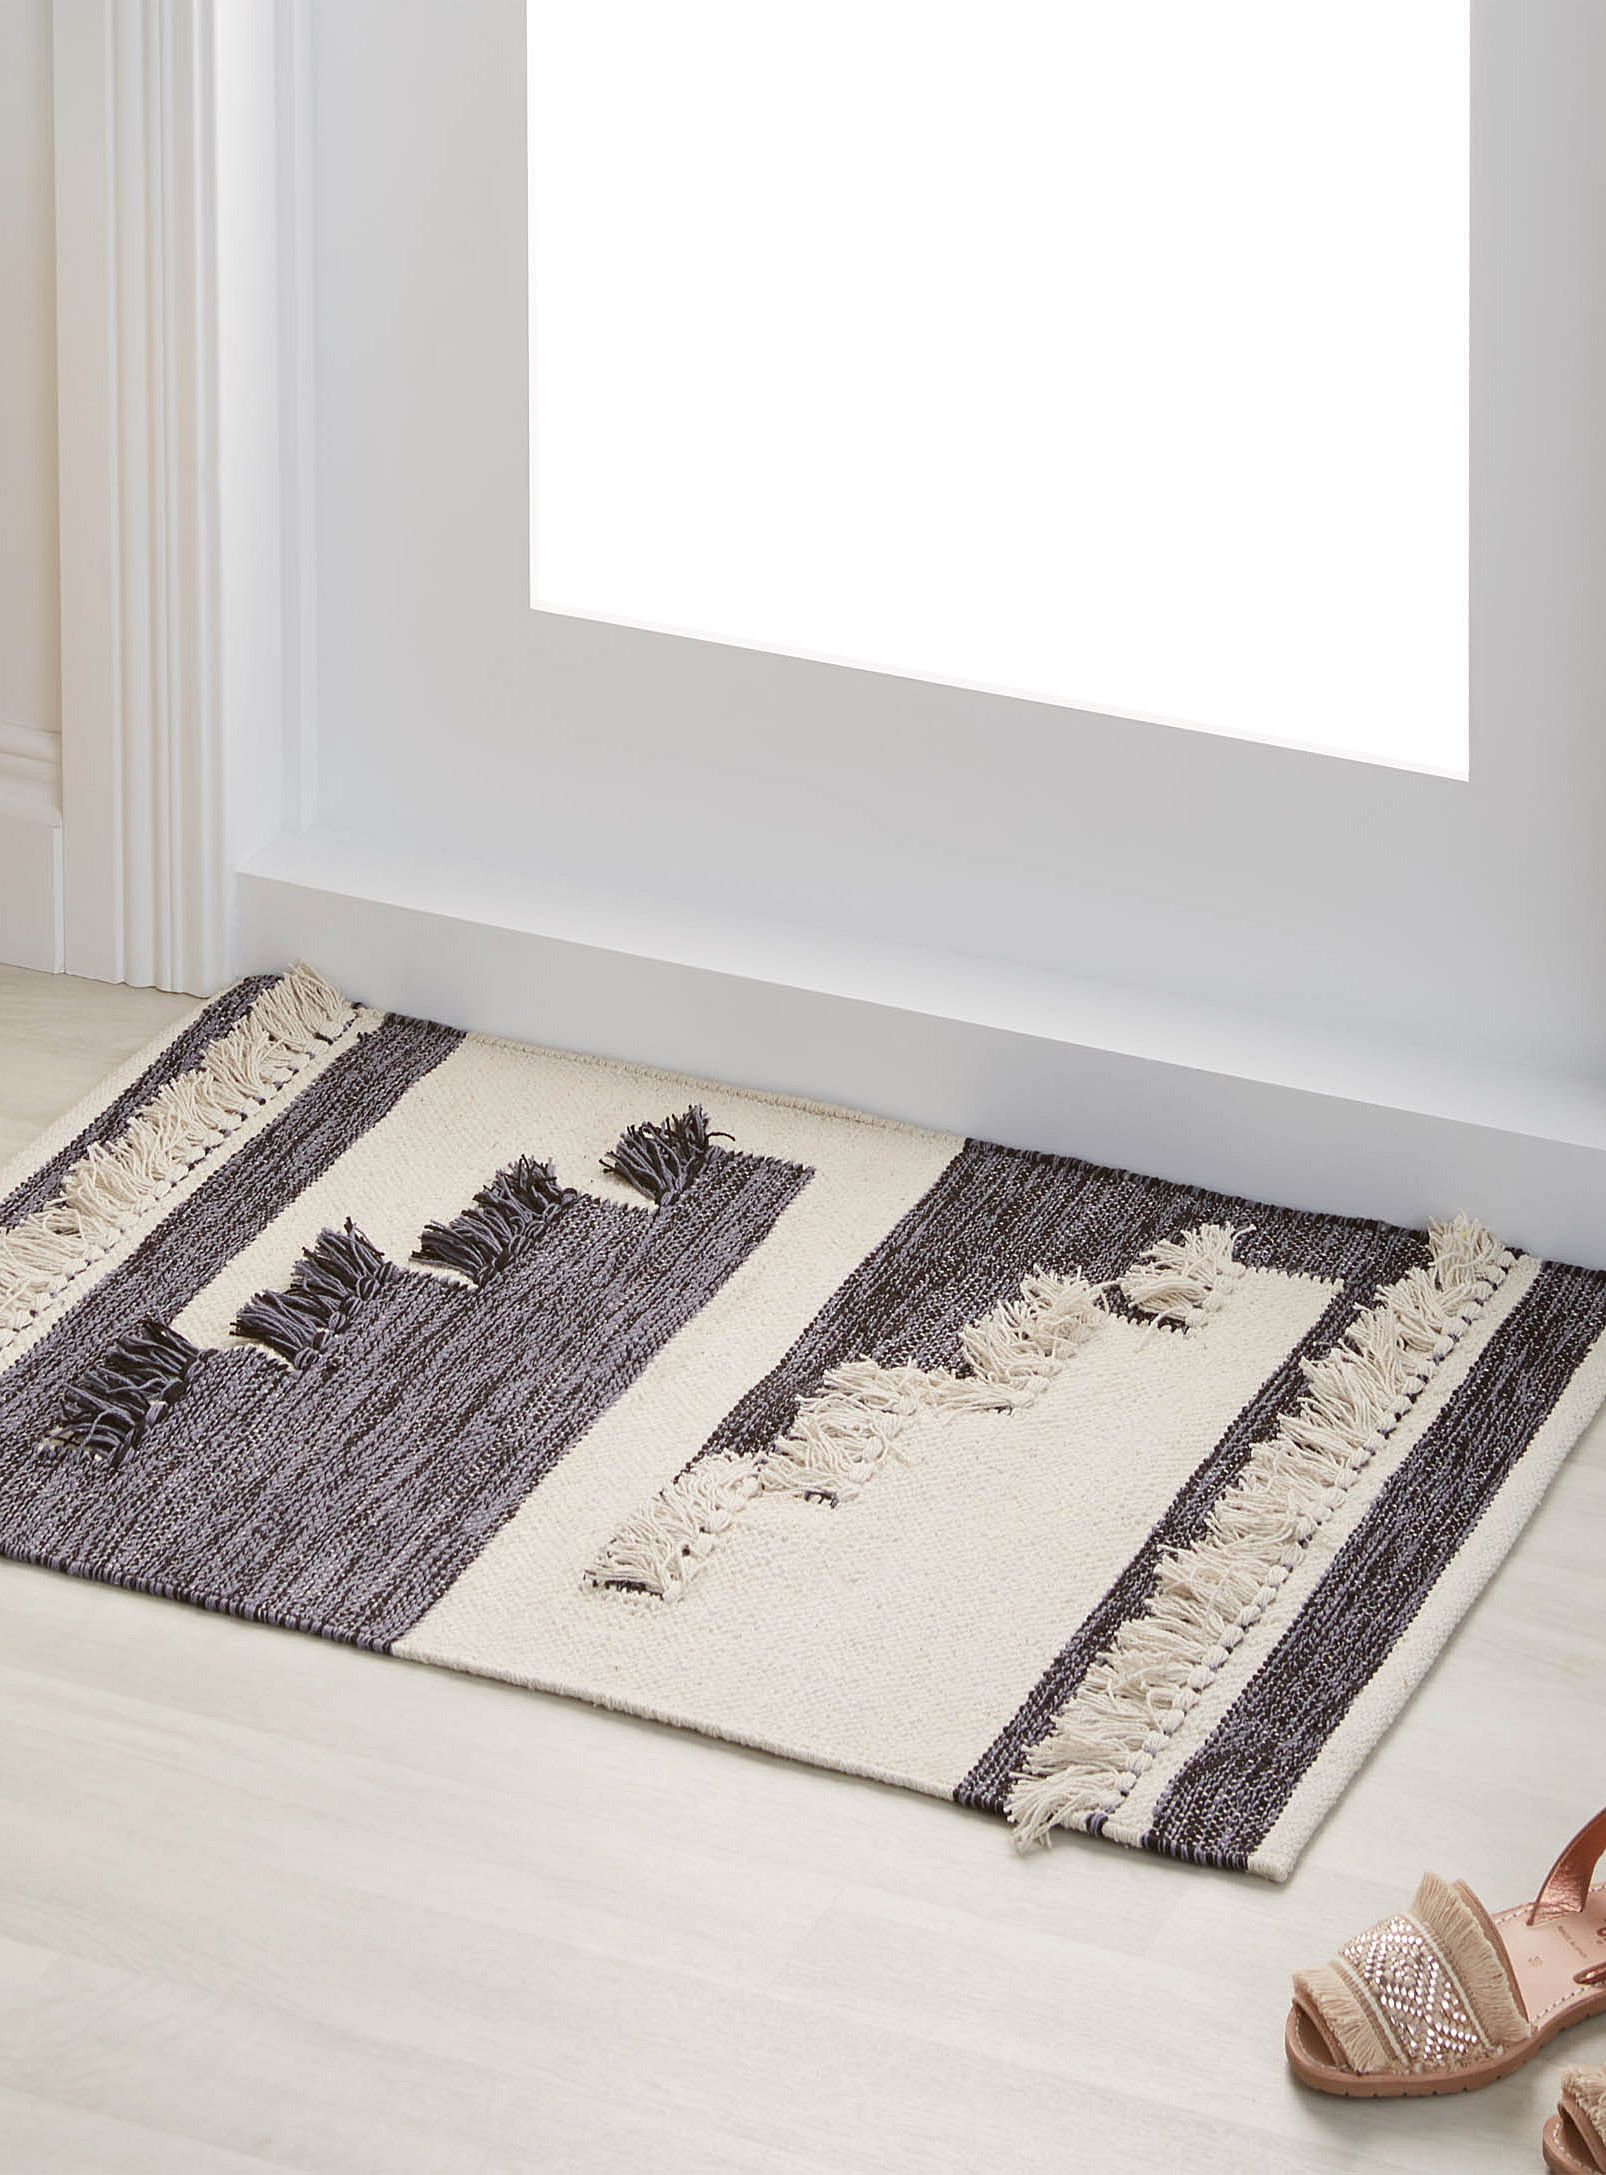 Salle De Bain Exterieur ~ le tapis patchwork frang 60×90 cm simons maison tapis neutres